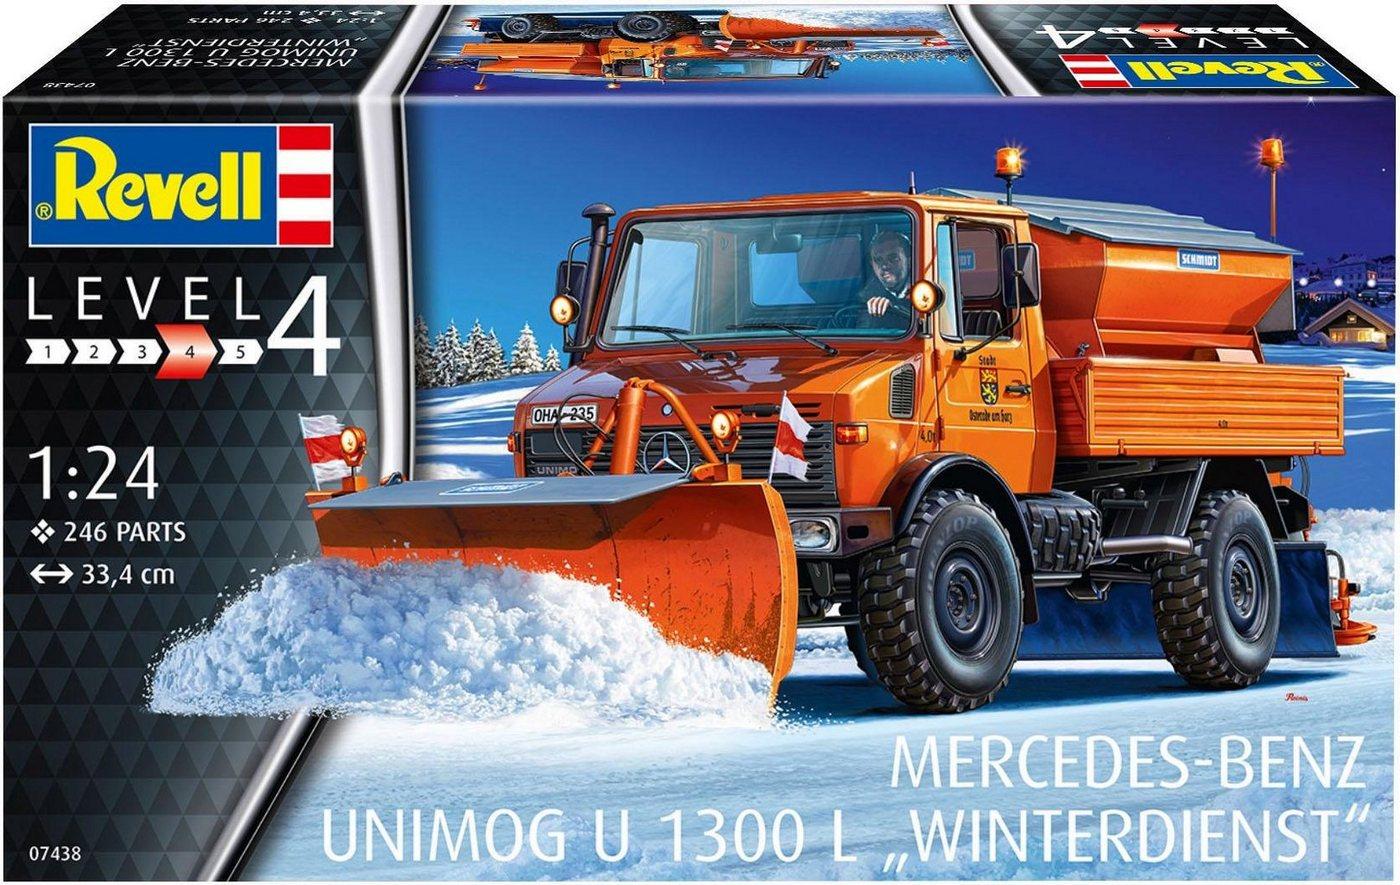 Revell Modellbausatz Unimog, Maßstab 1:24, »Mercedes-Benz U 1300 L - Winterdienst«